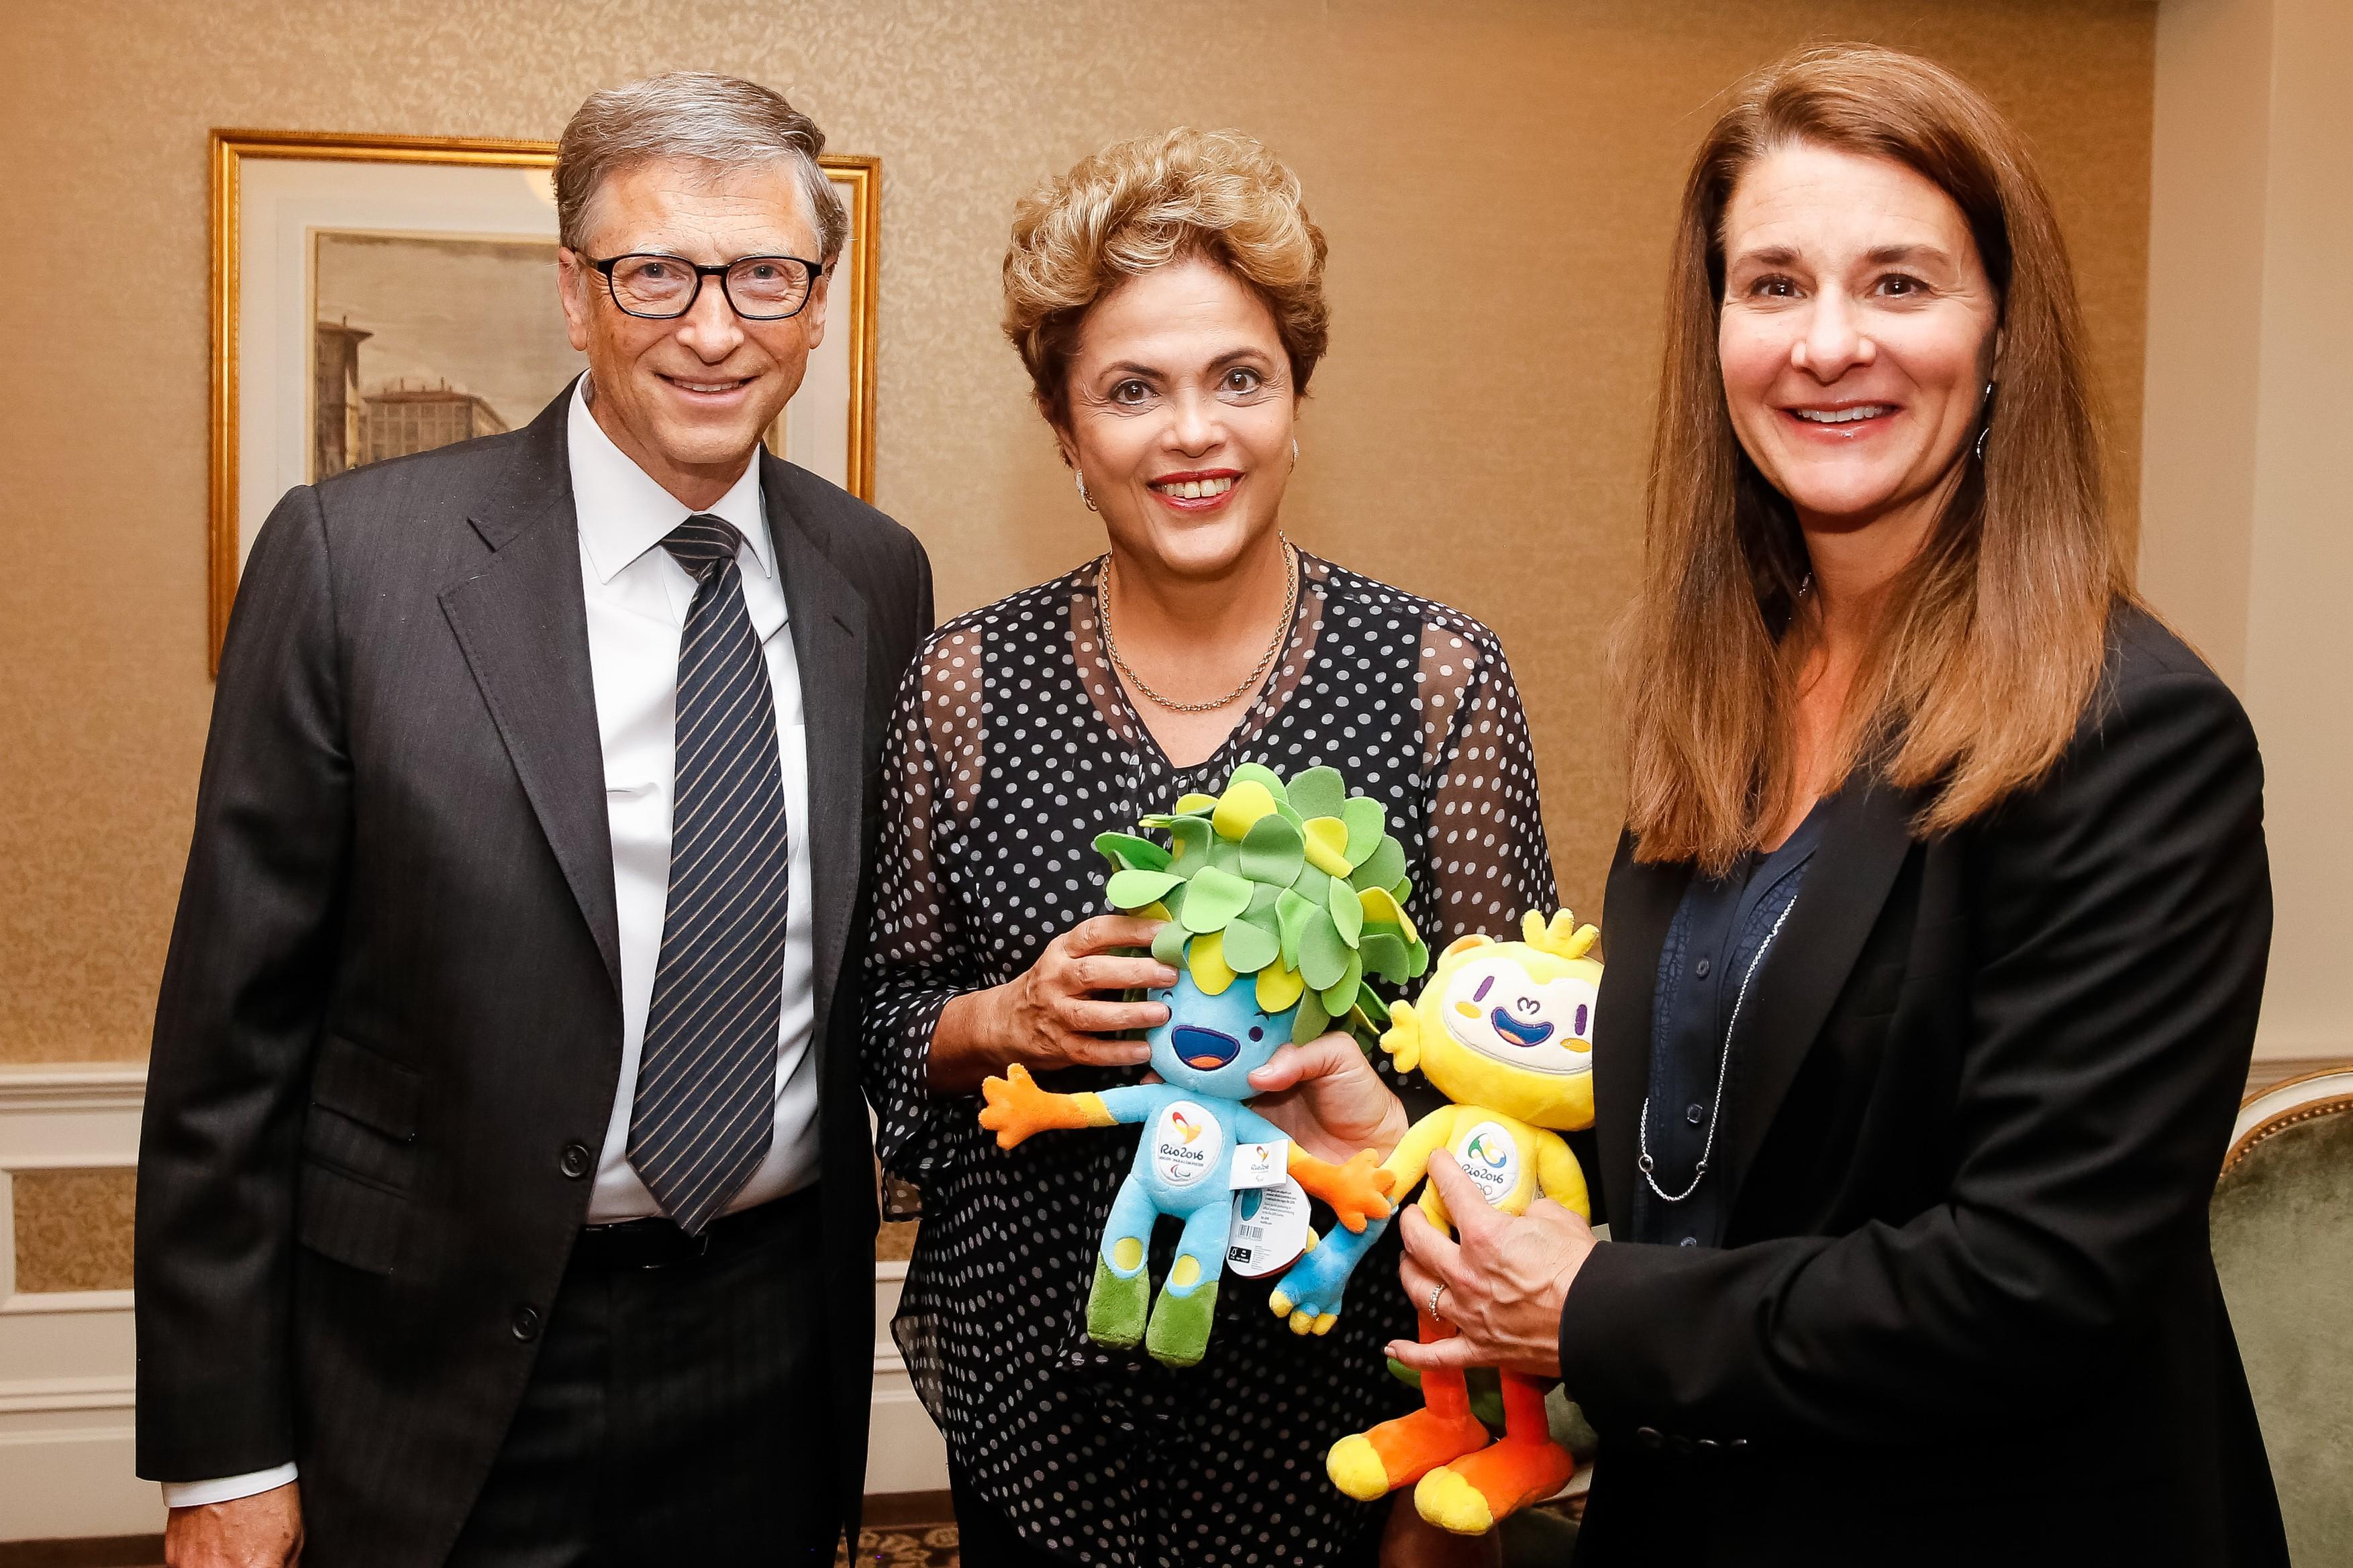 Bill Gates encontra Dilma e diz que processo contra Petrobras foi 'mal  entendido' - Época Negócios